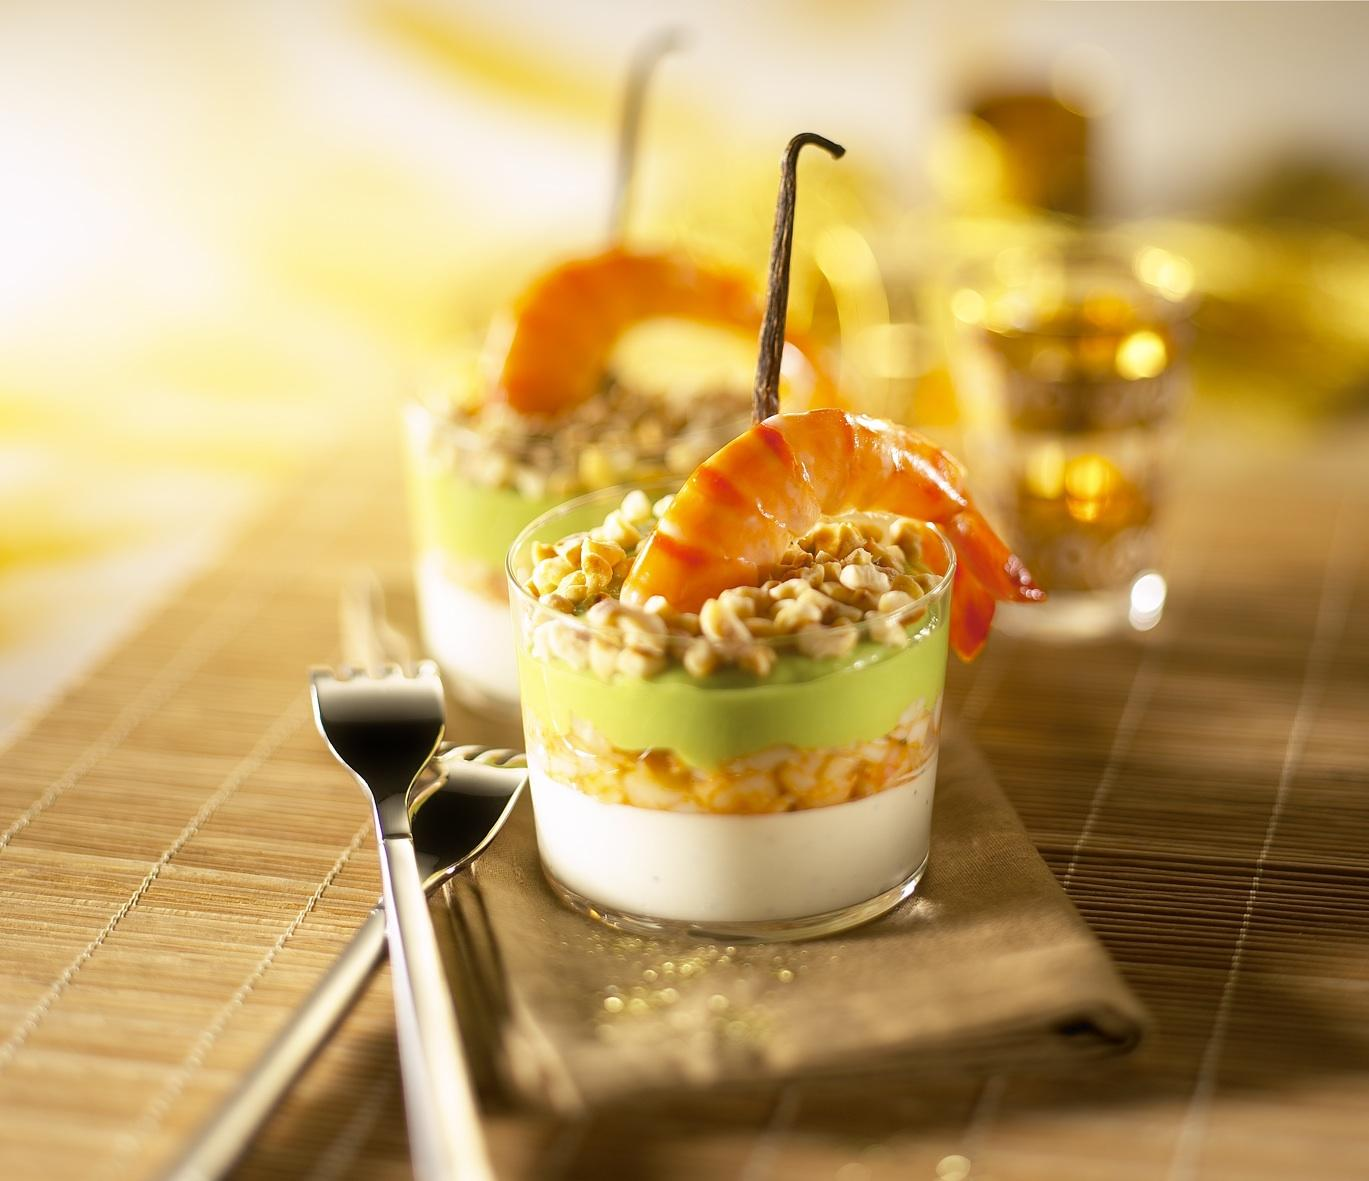 Recette verrines de crevettes la vanille cuisine for Entree gastronomique originale